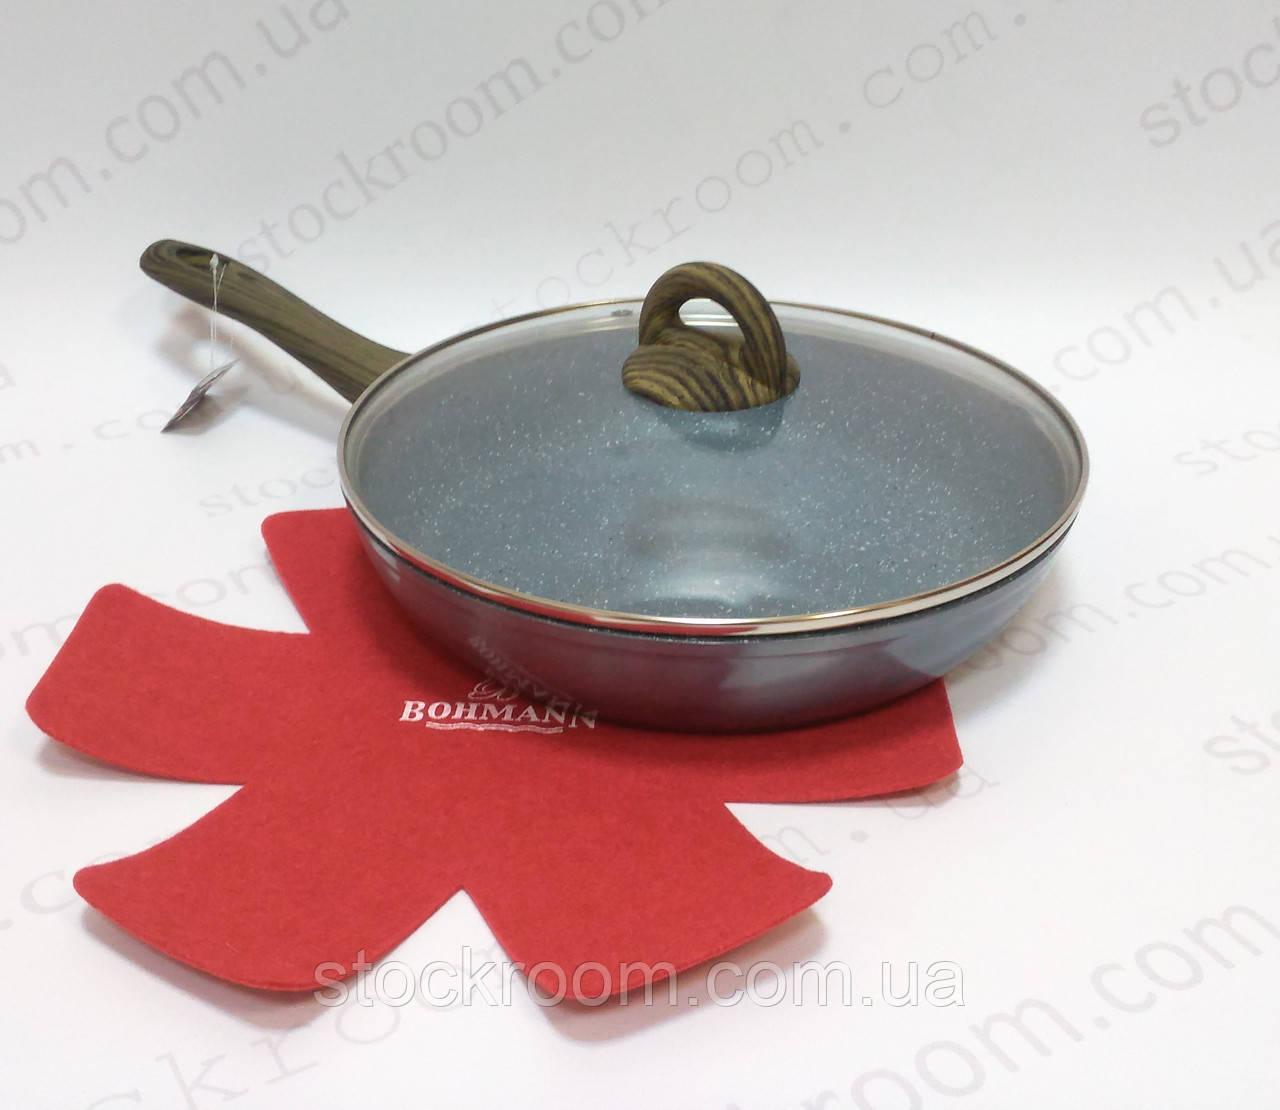 Сковорода Bohmann BH 1006-28 с мраморным покрытием